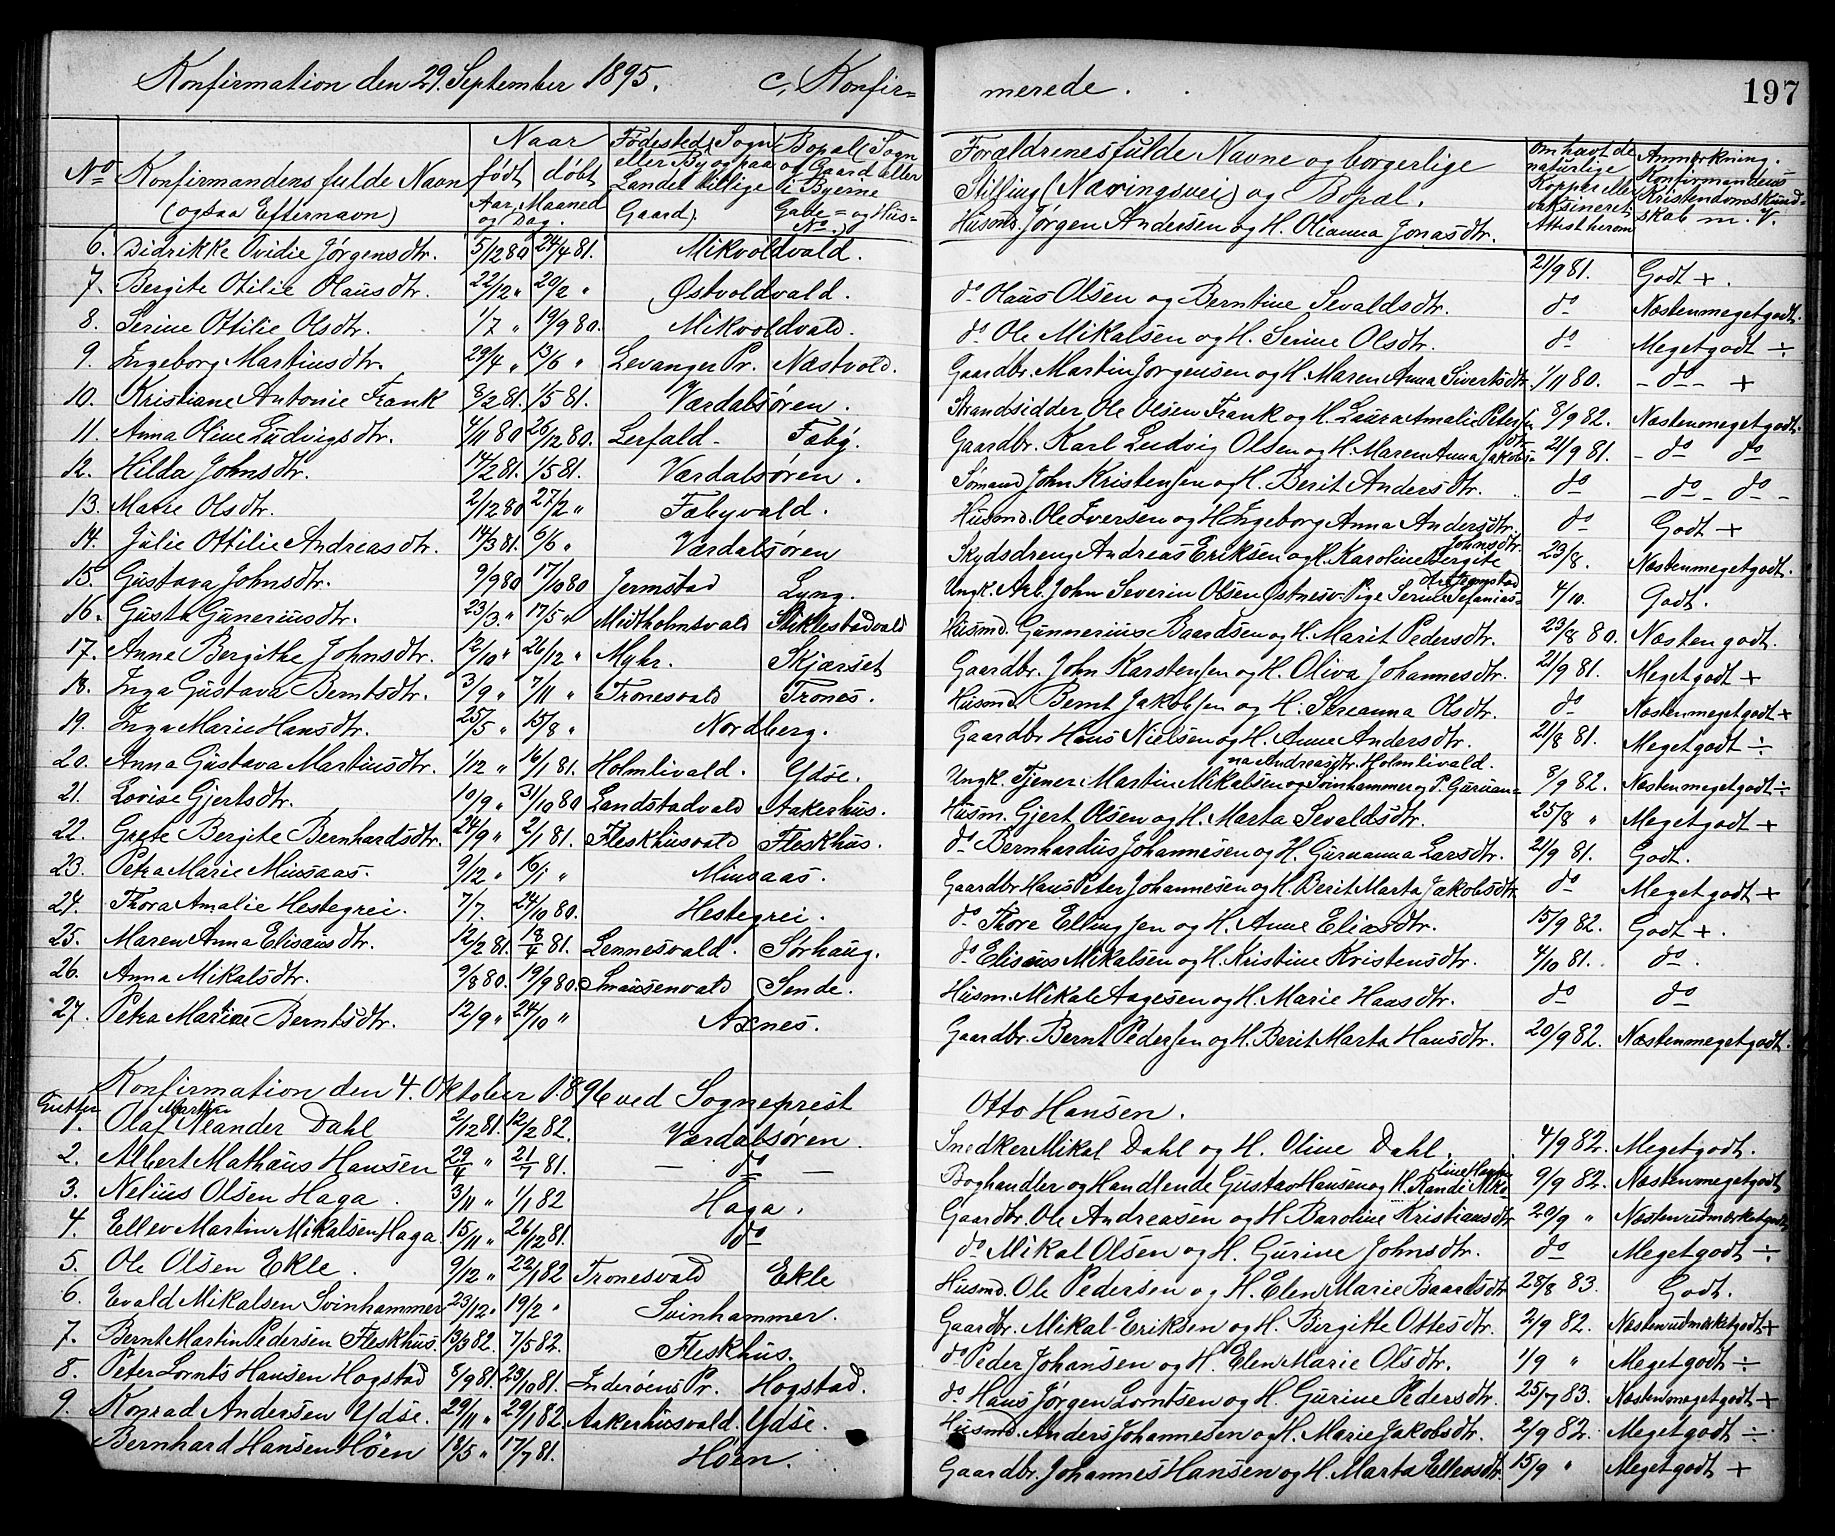 SAT, Ministerialprotokoller, klokkerbøker og fødselsregistre - Nord-Trøndelag, 723/L0257: Klokkerbok nr. 723C05, 1890-1907, s. 197